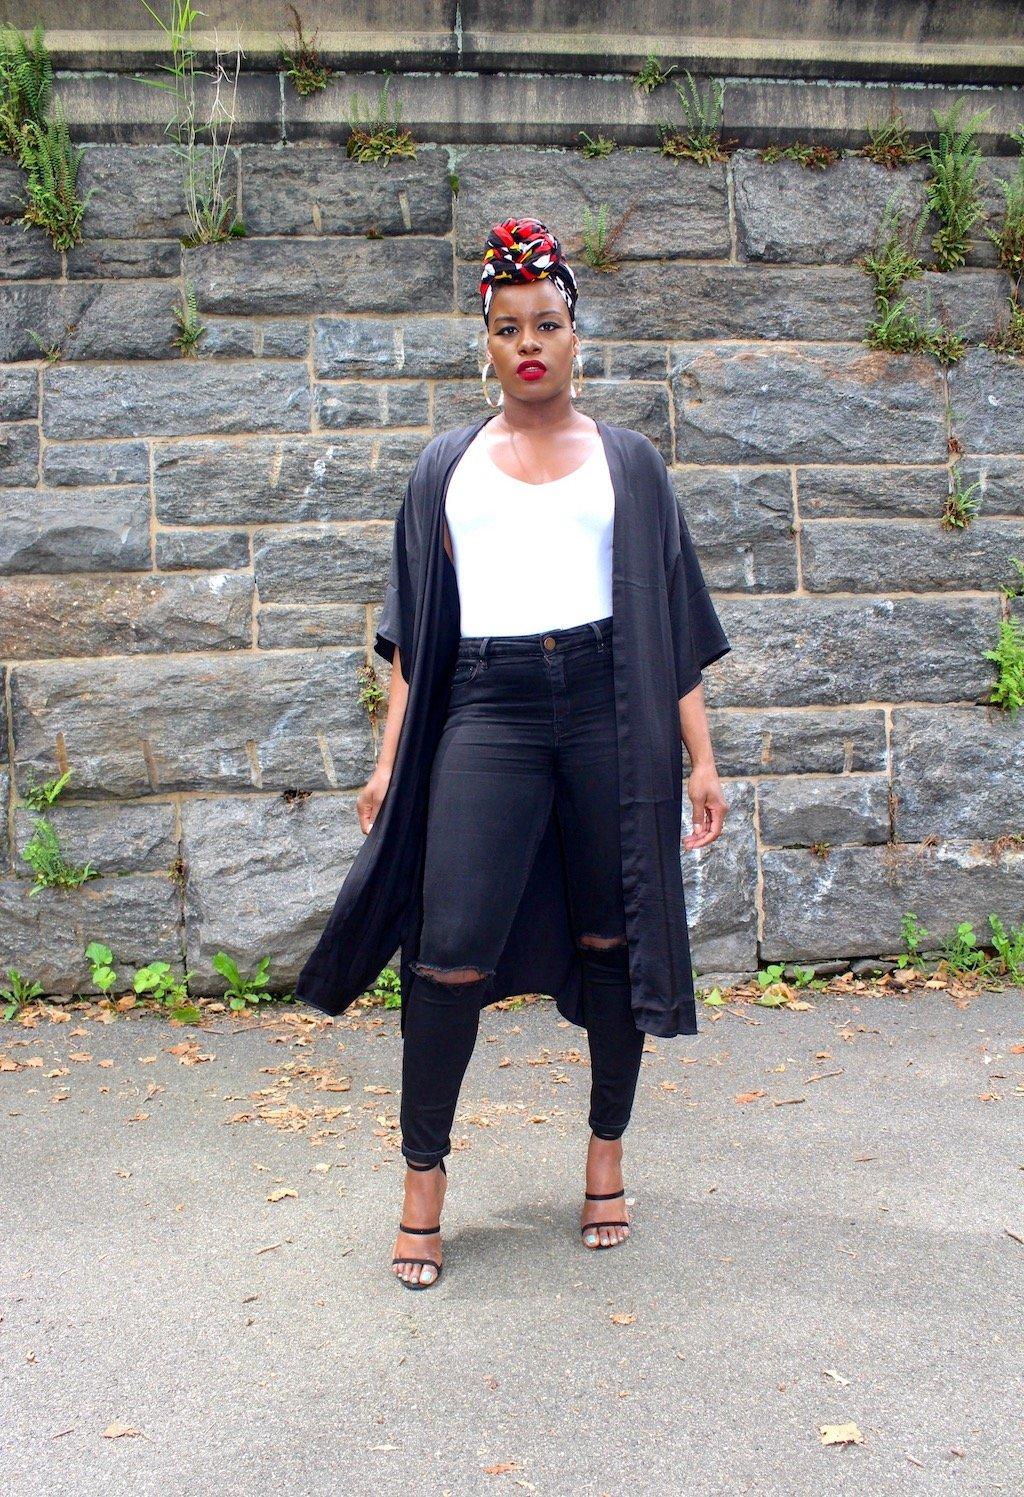 Summer Style Staples Headwraps & Kimonos